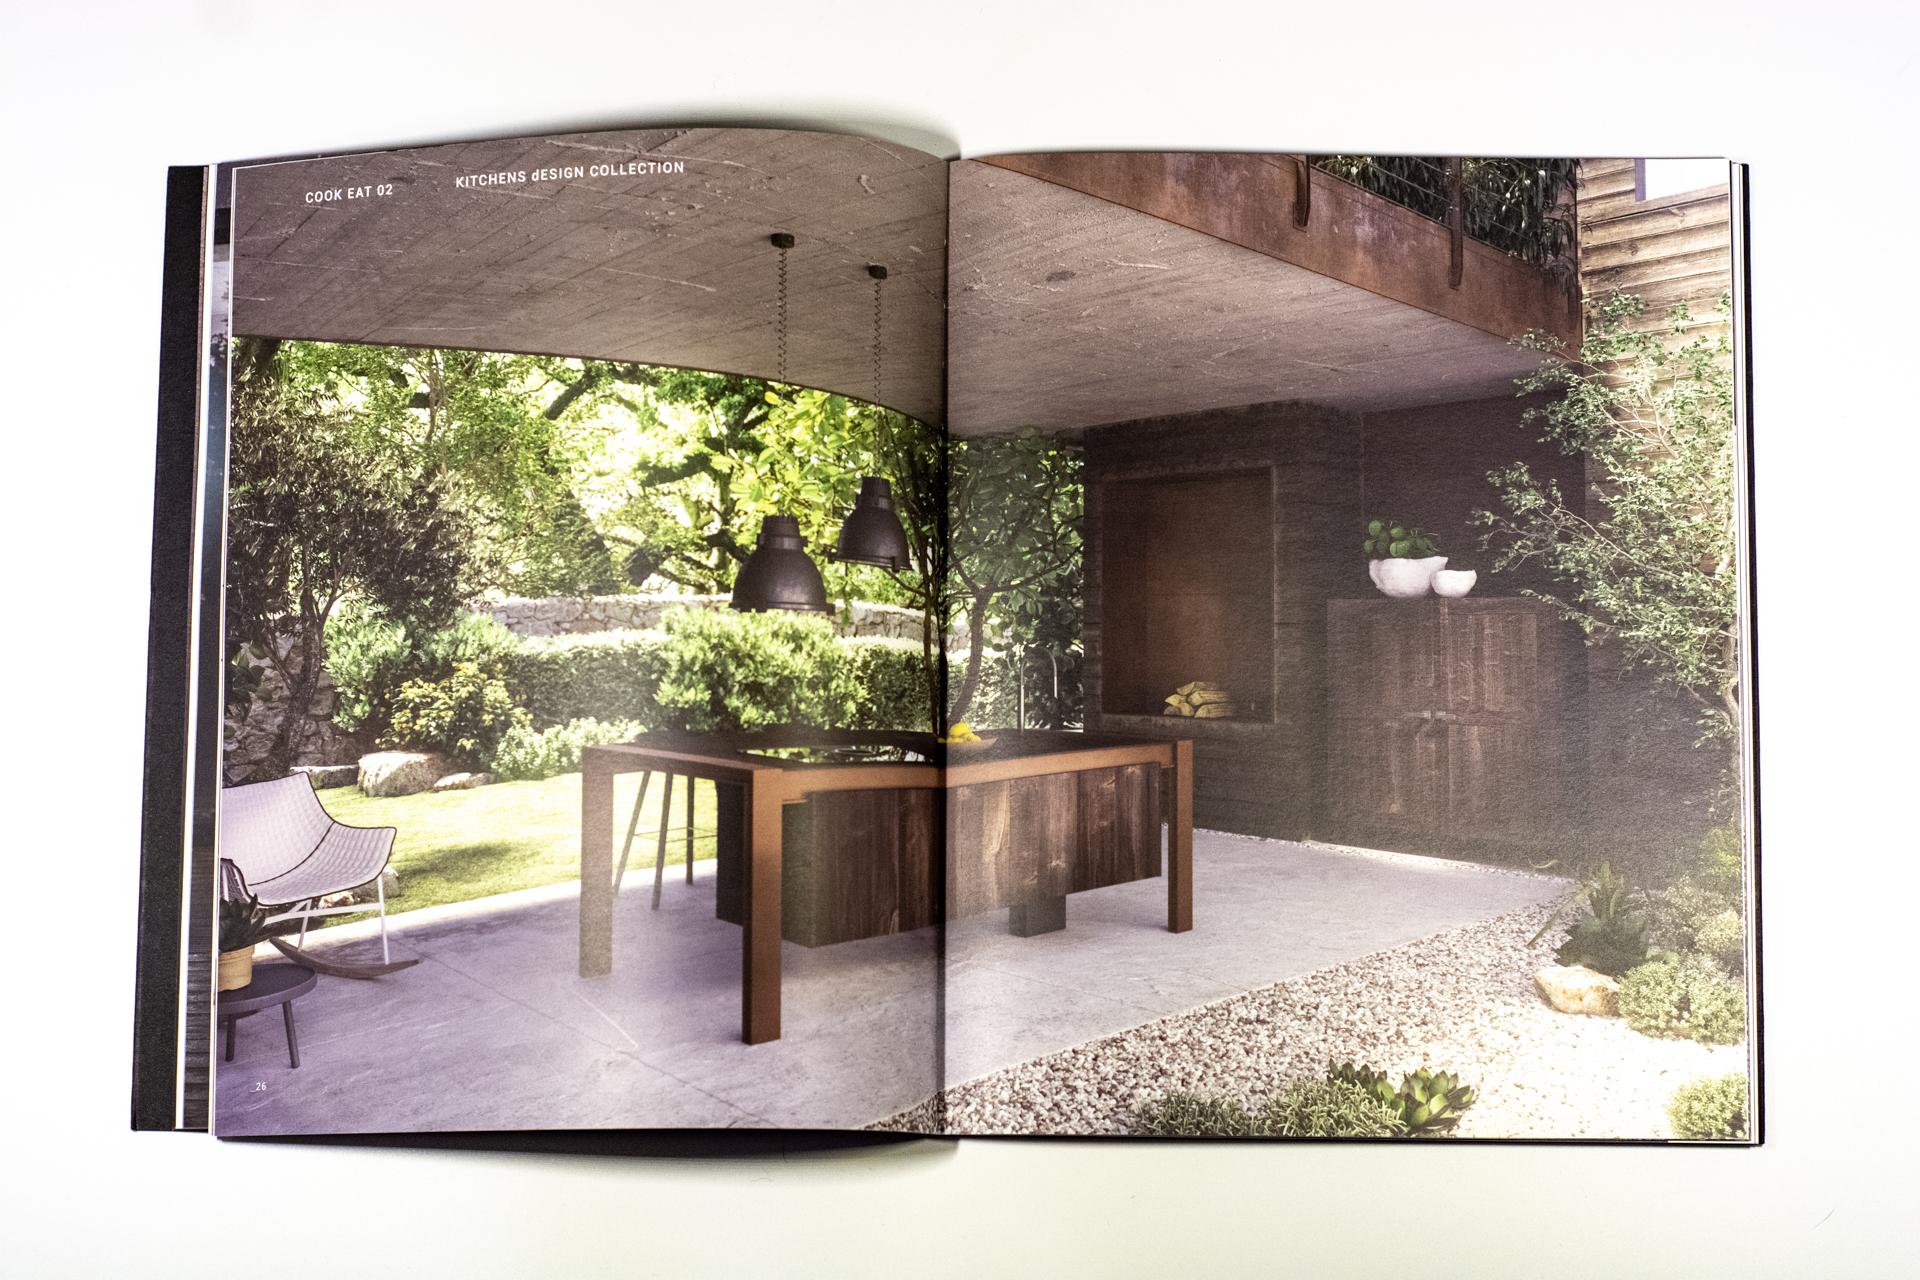 pedini-cookeat-design-catalogo